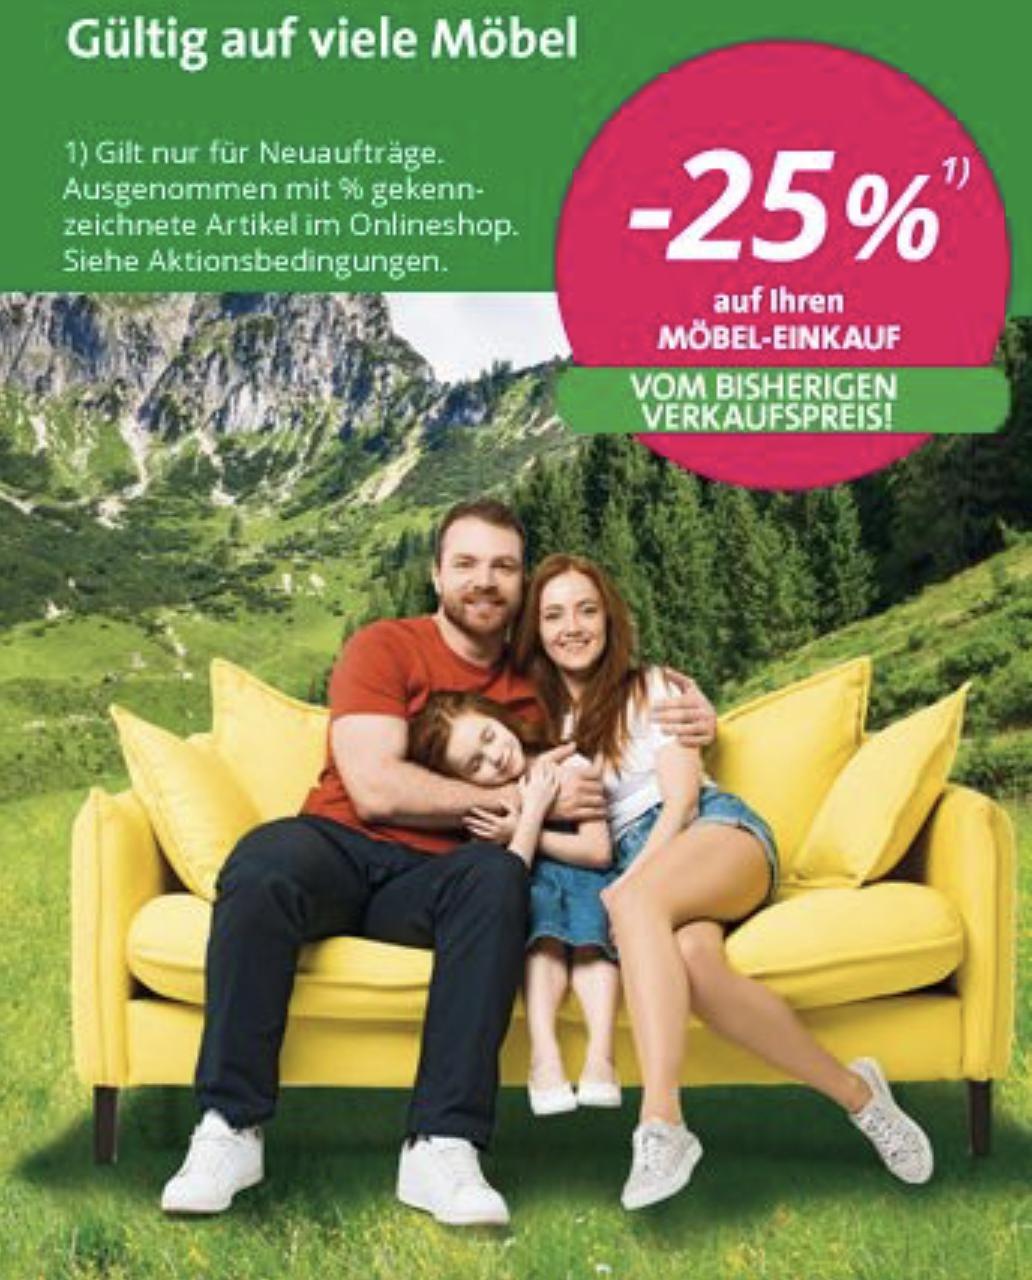 Leiner -25 % auf Möbel von letztmaligen Verkaufspreis